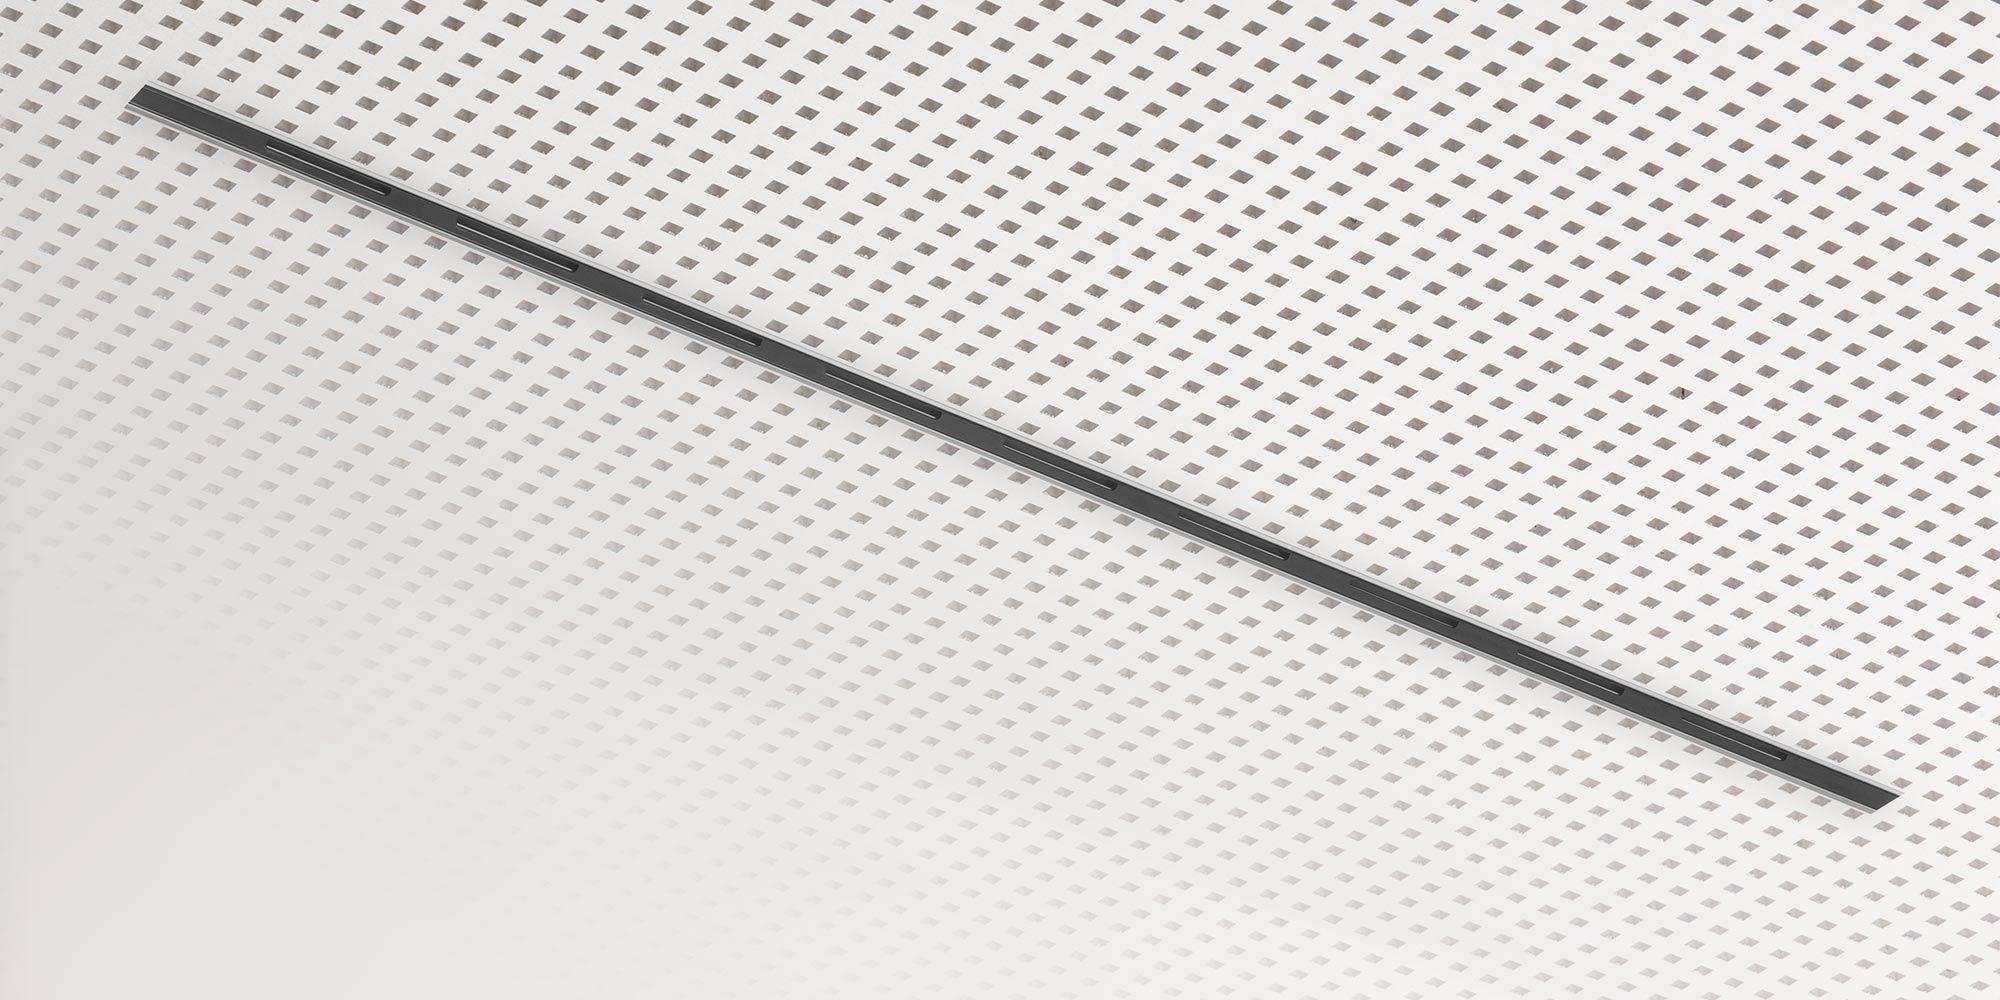 Diffusori Lineari Aria Condizionata diffusore d'aria da soffitto - indul - kiefer gmbh luft- und